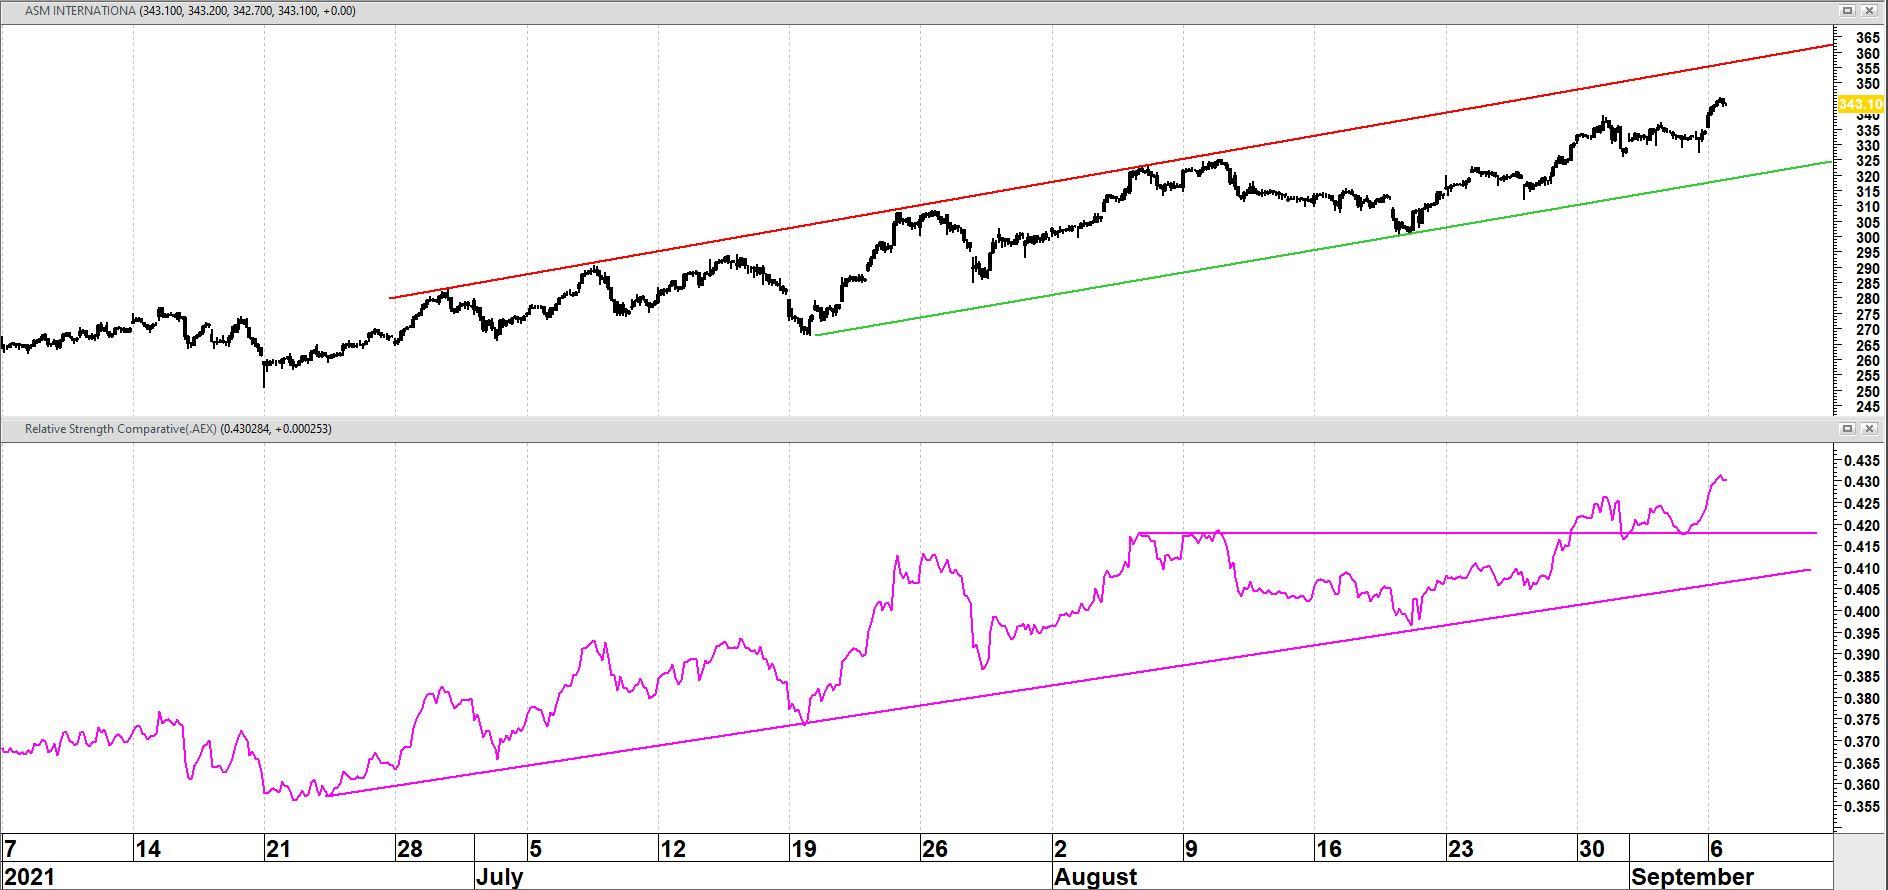 ASM International op uurbasis in de afgelopen drie maanden + relatieve sterkte versus AEX-index